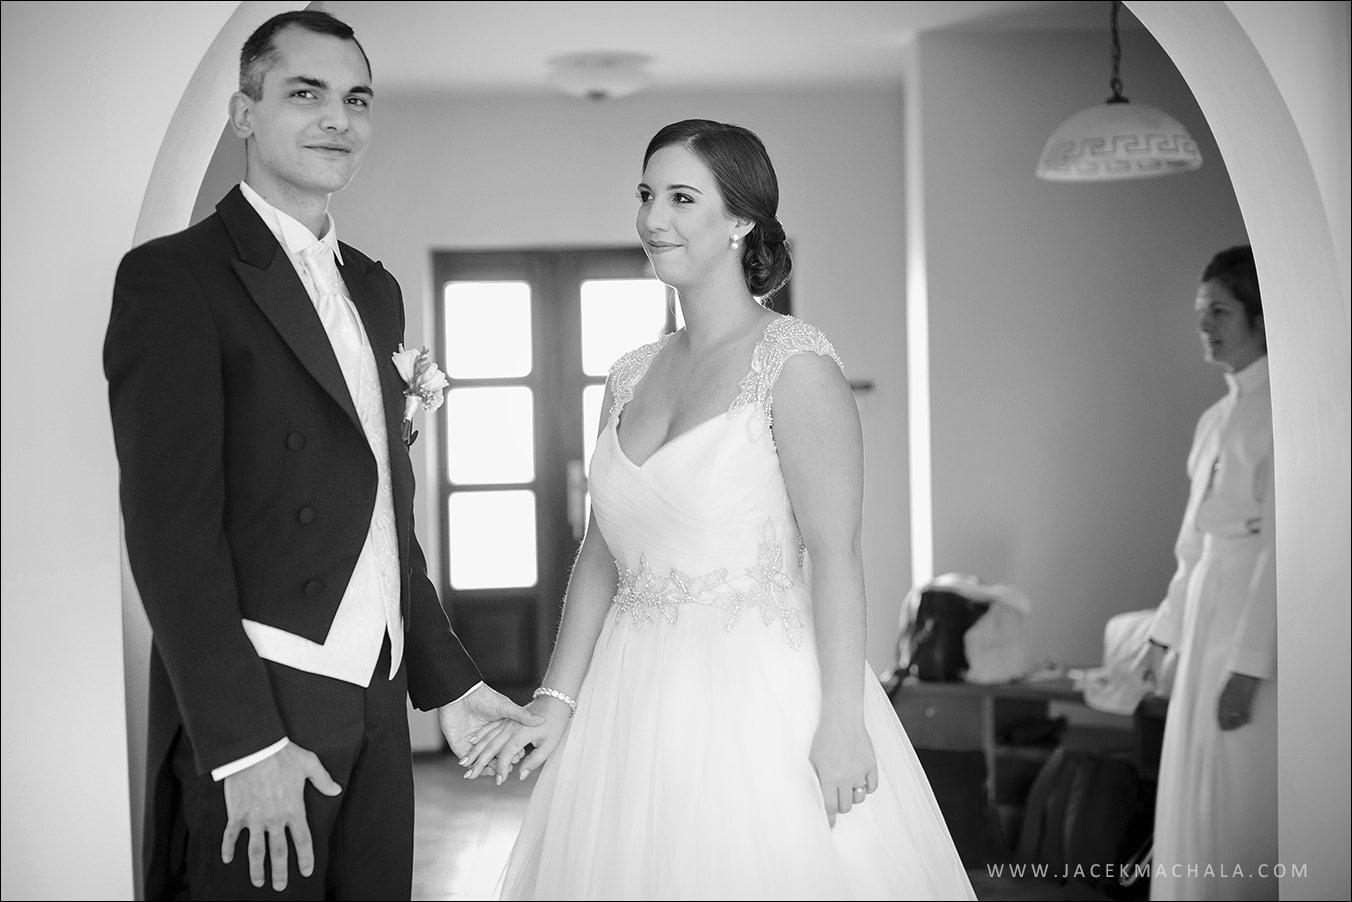 slask fotograf bielsko biala diana i dawid 9 - Hotel Ostaniec - DIANA & DAWID